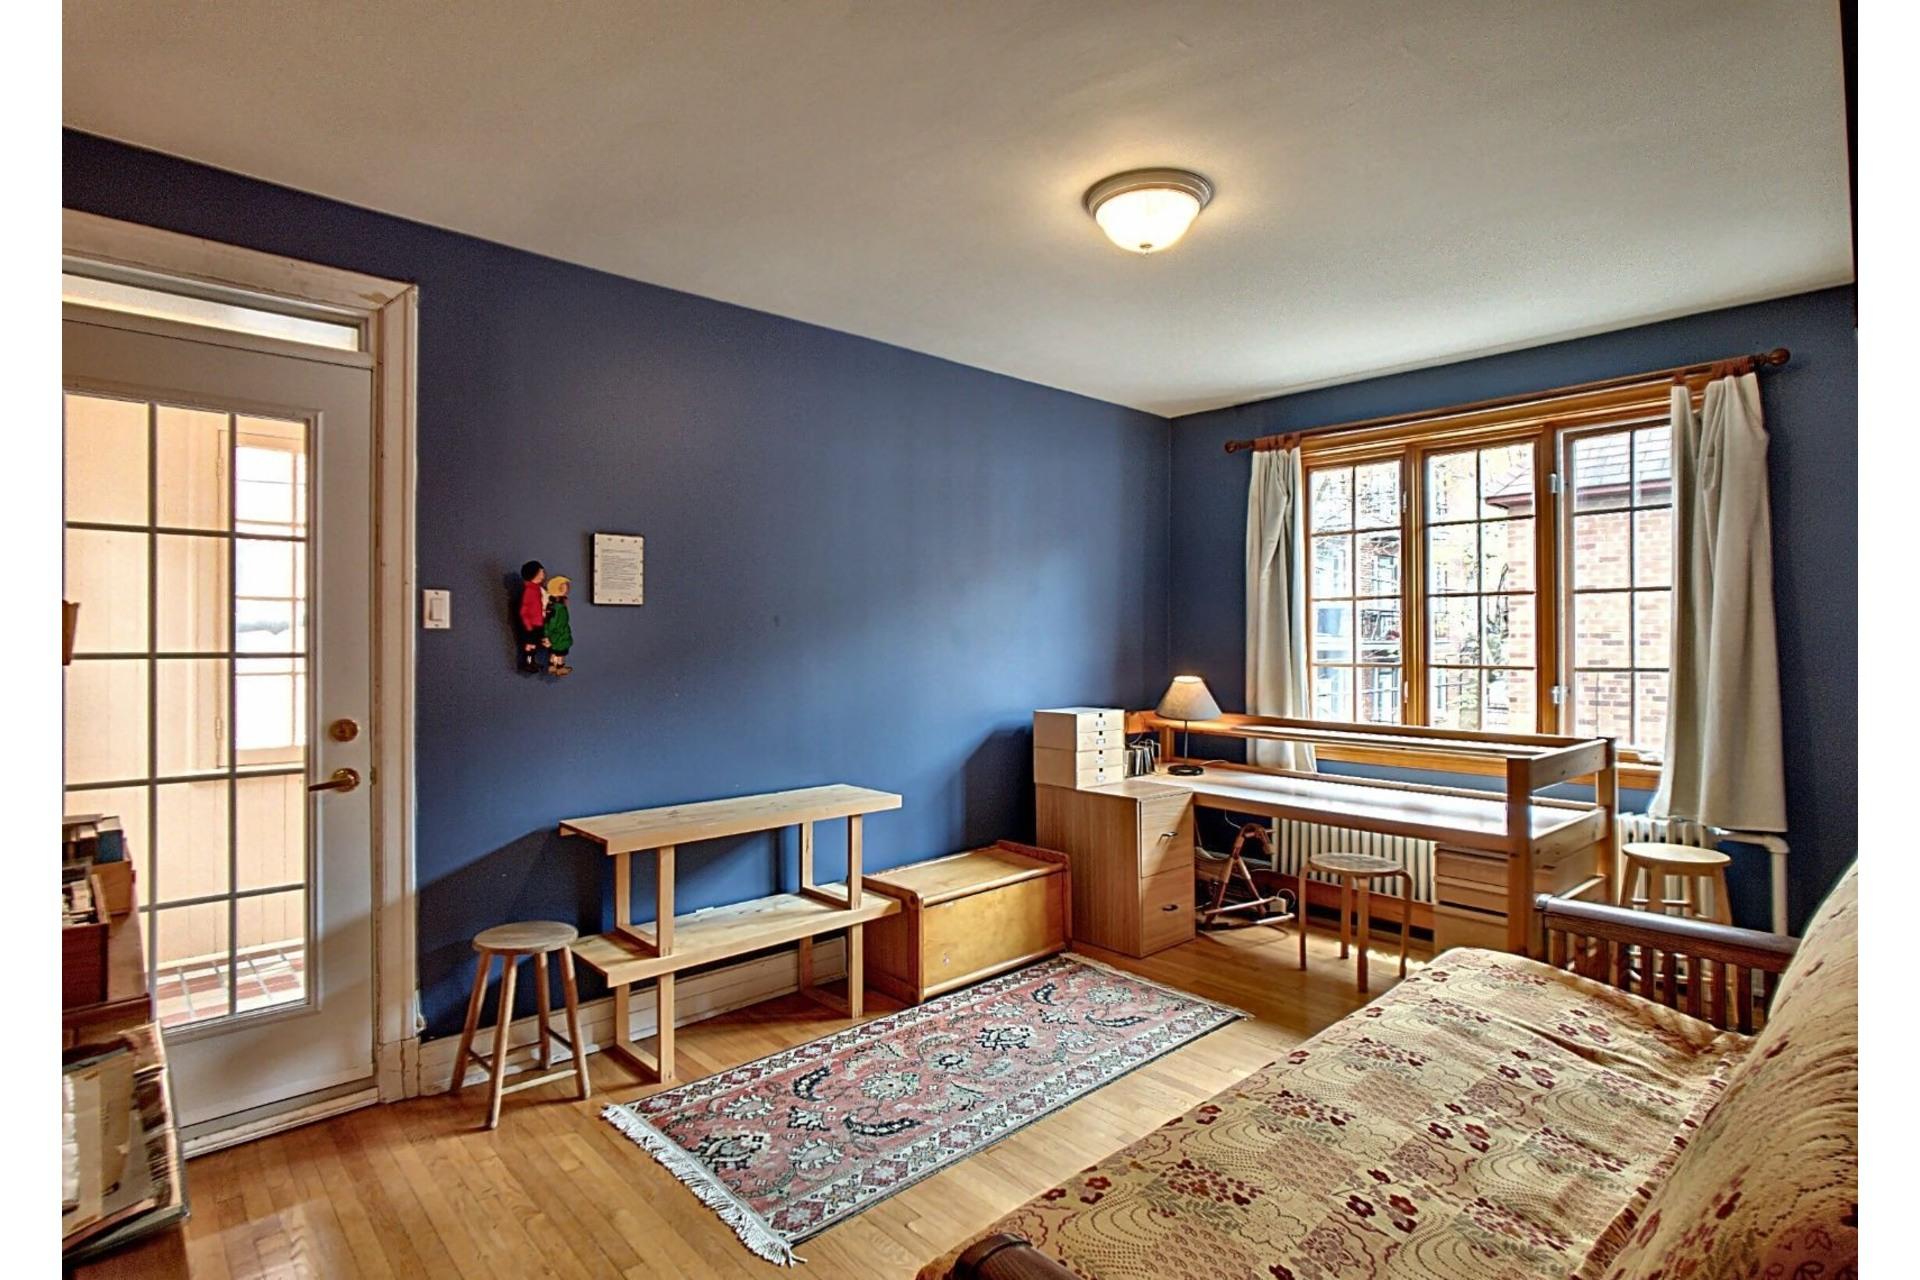 image 16 - Appartement À vendre Côte-des-Neiges/Notre-Dame-de-Grâce Montréal  - 10 pièces